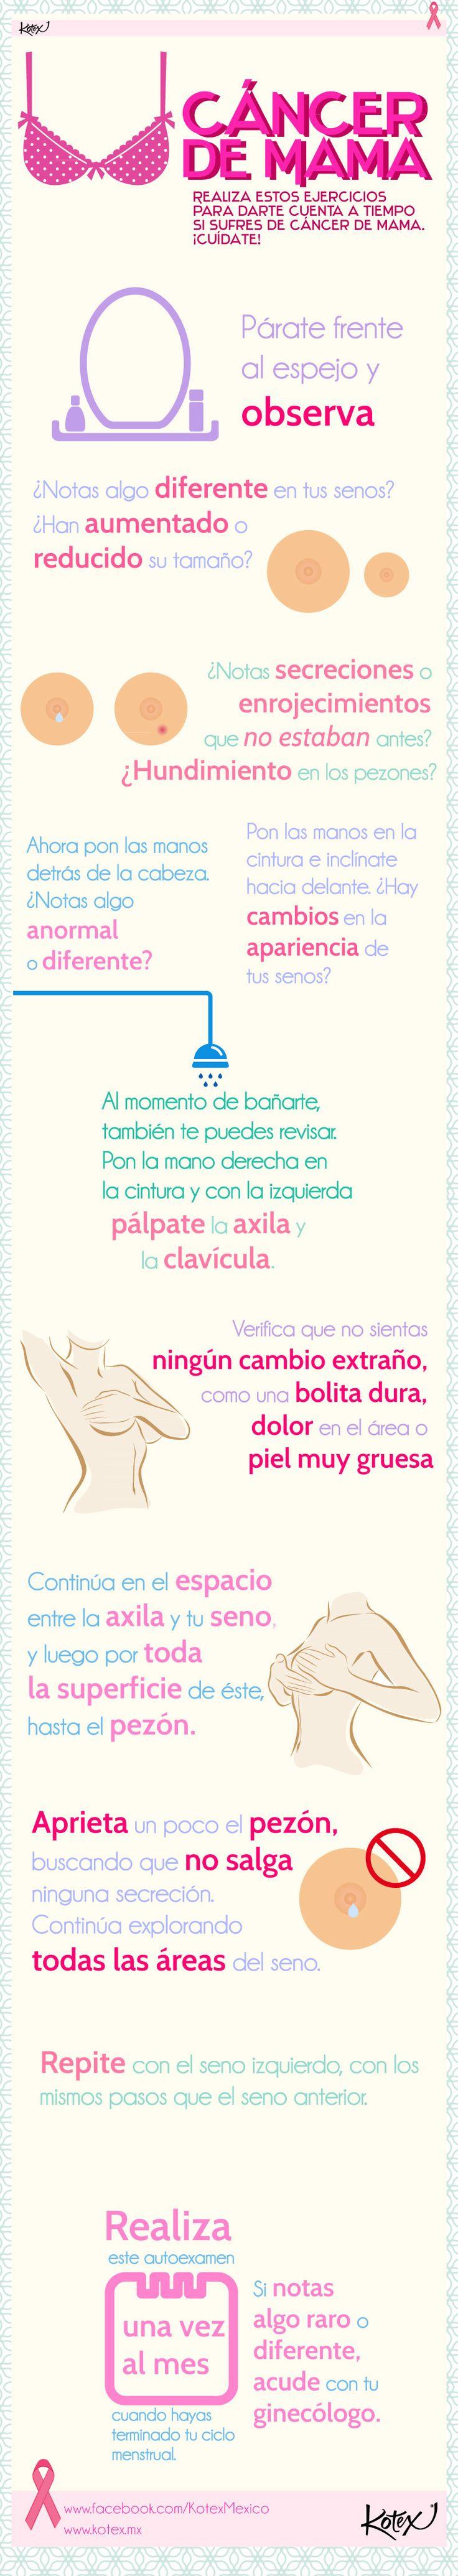 ¡Salva tu vida, realizando por lo menos una vez al mes el autoexamen de seno!